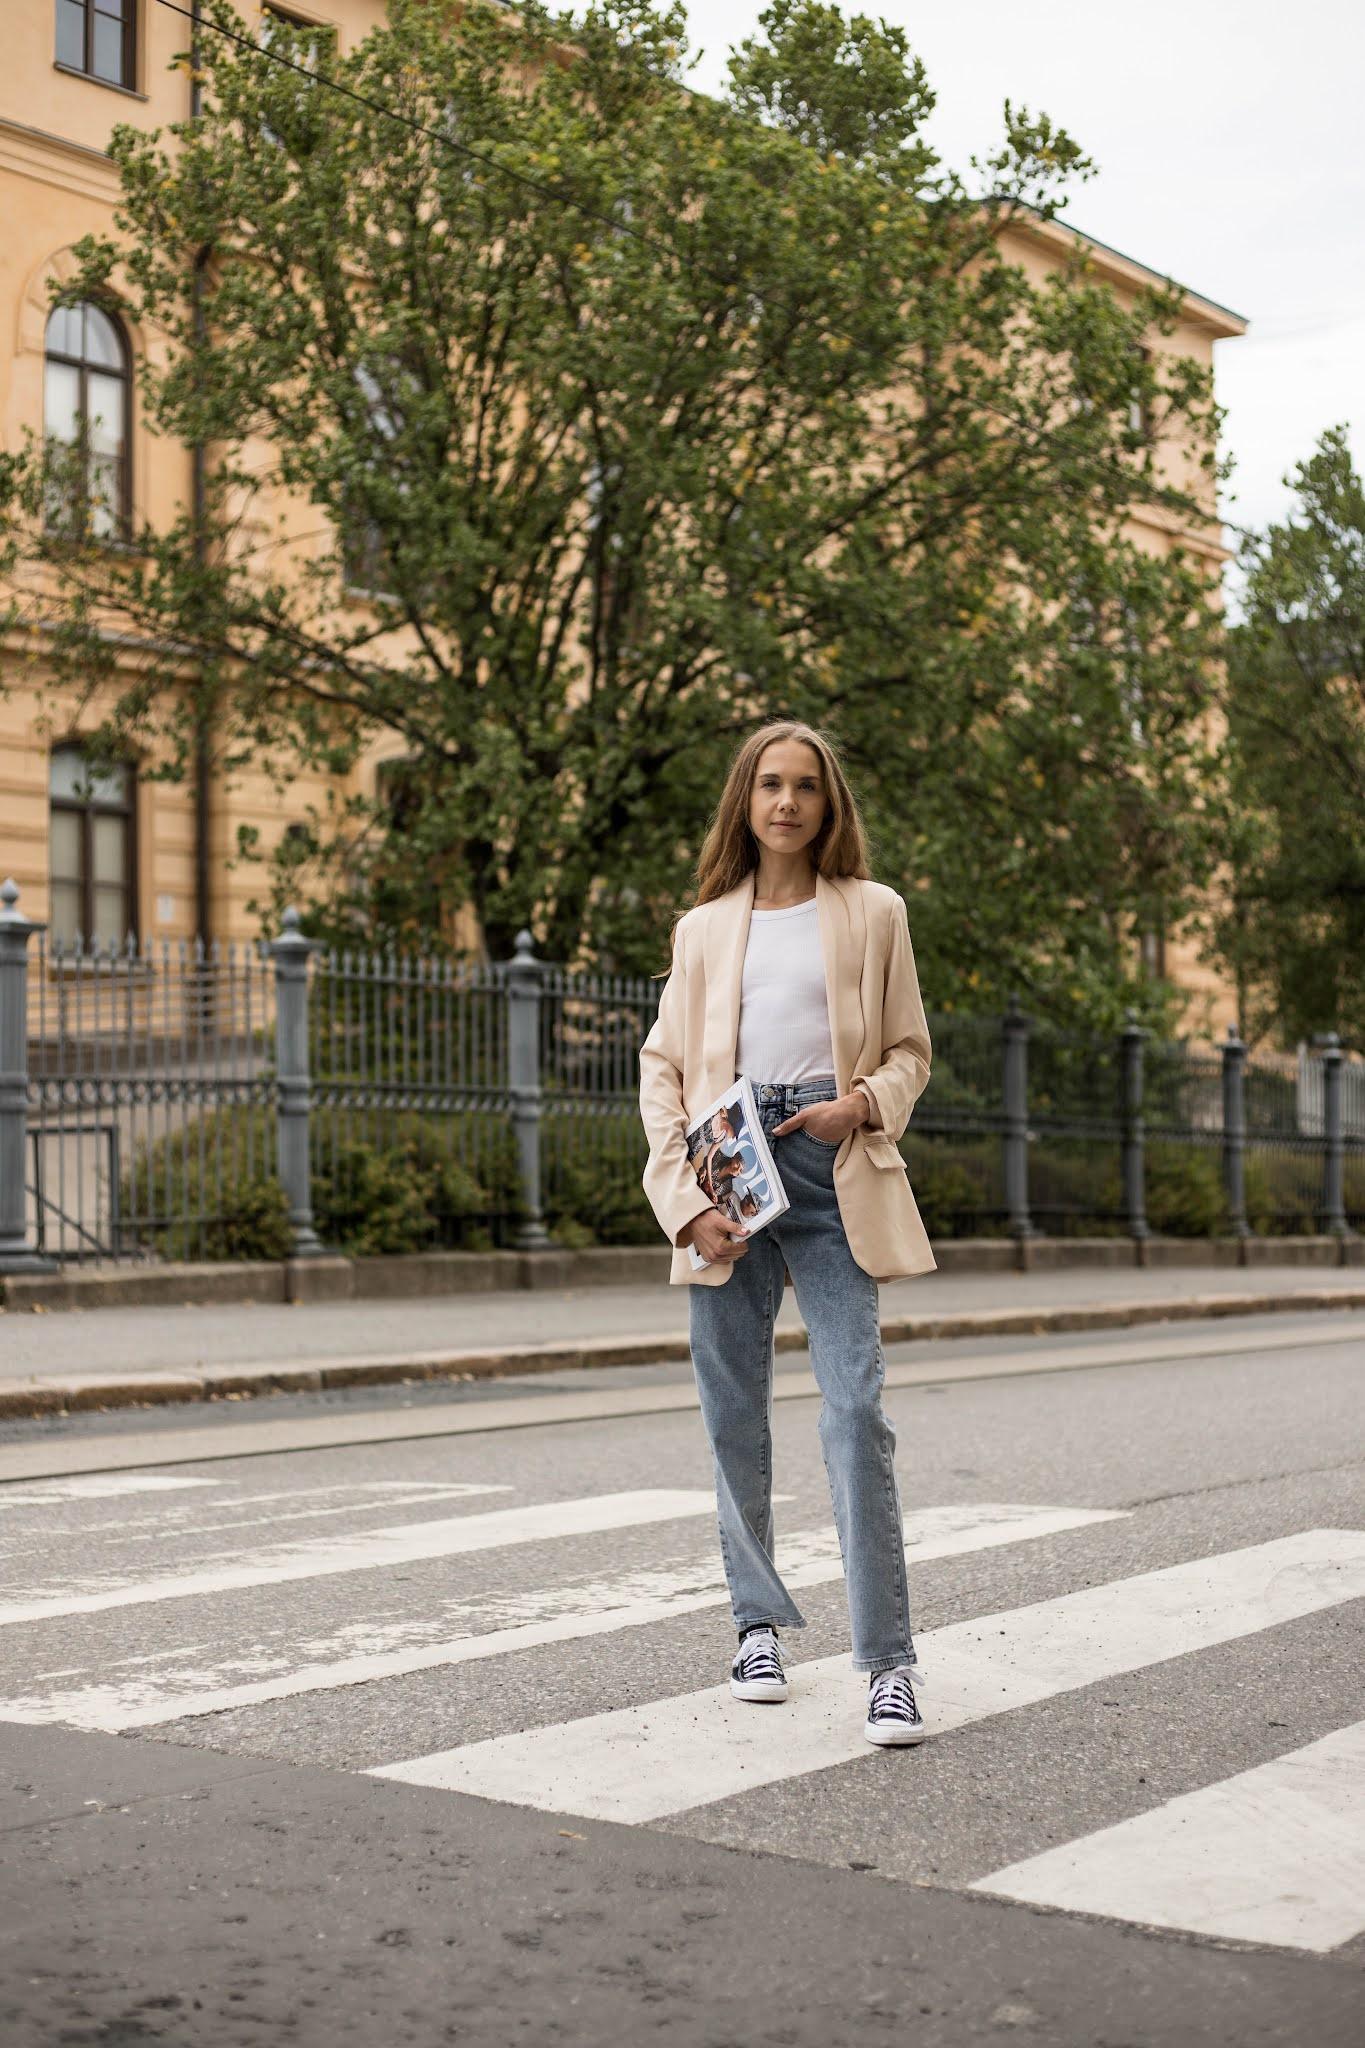 Inspiraatiota syyspukeutumiseen: farkut ja bleiseri // Autumn style inspiration: jeans and blazer